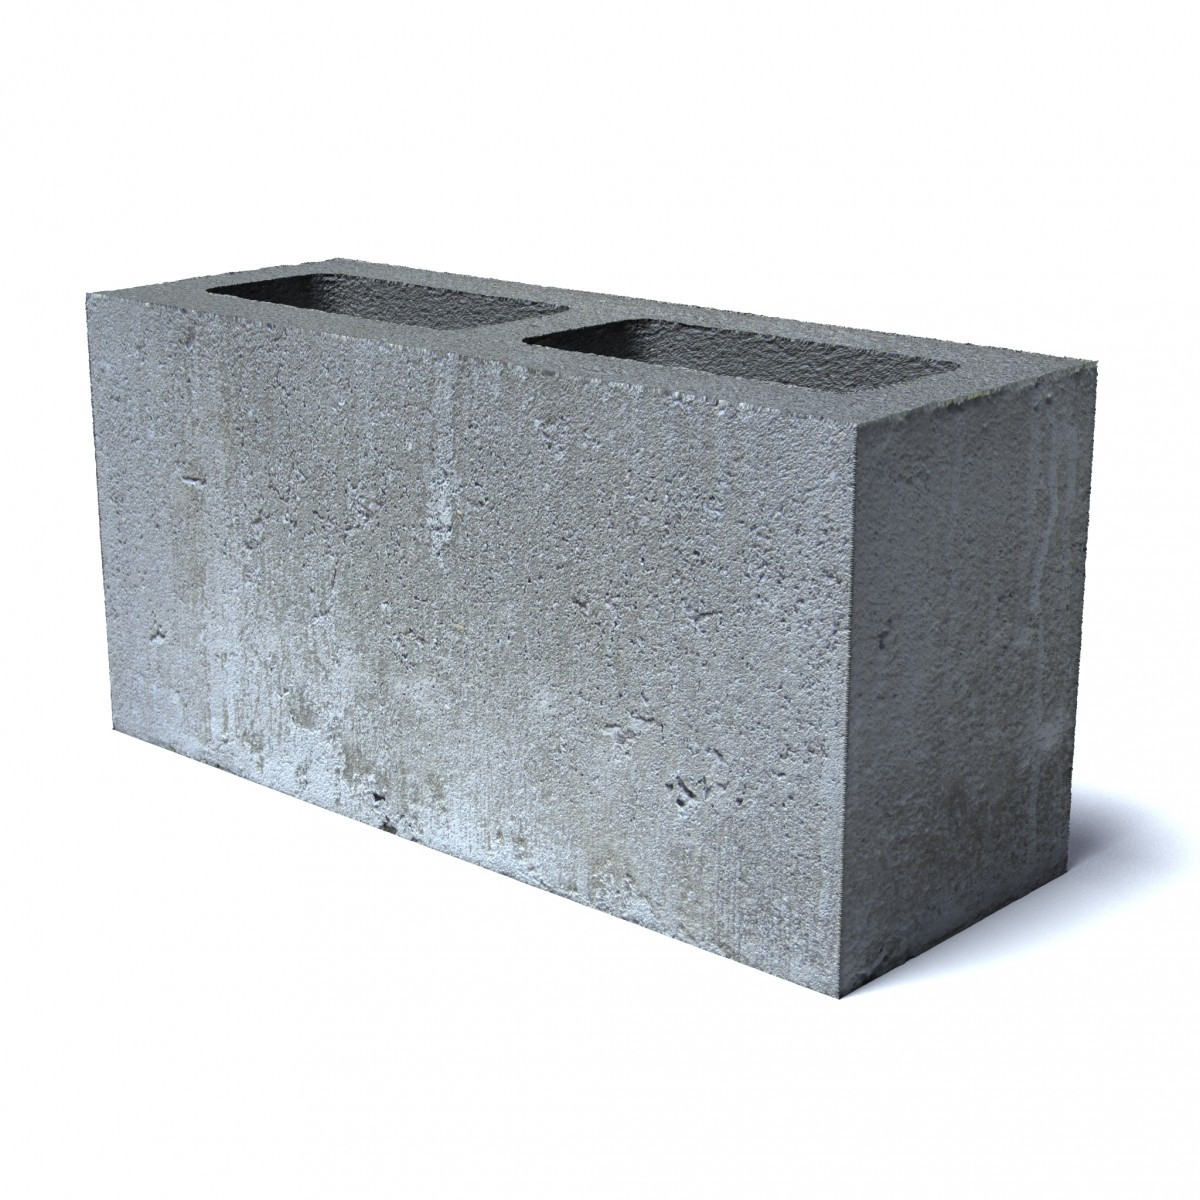 Блок  перегородочный пескобетонный  пустотный  СКM2,2 КПР-ПР-ПЛ-39-100-F50-2140